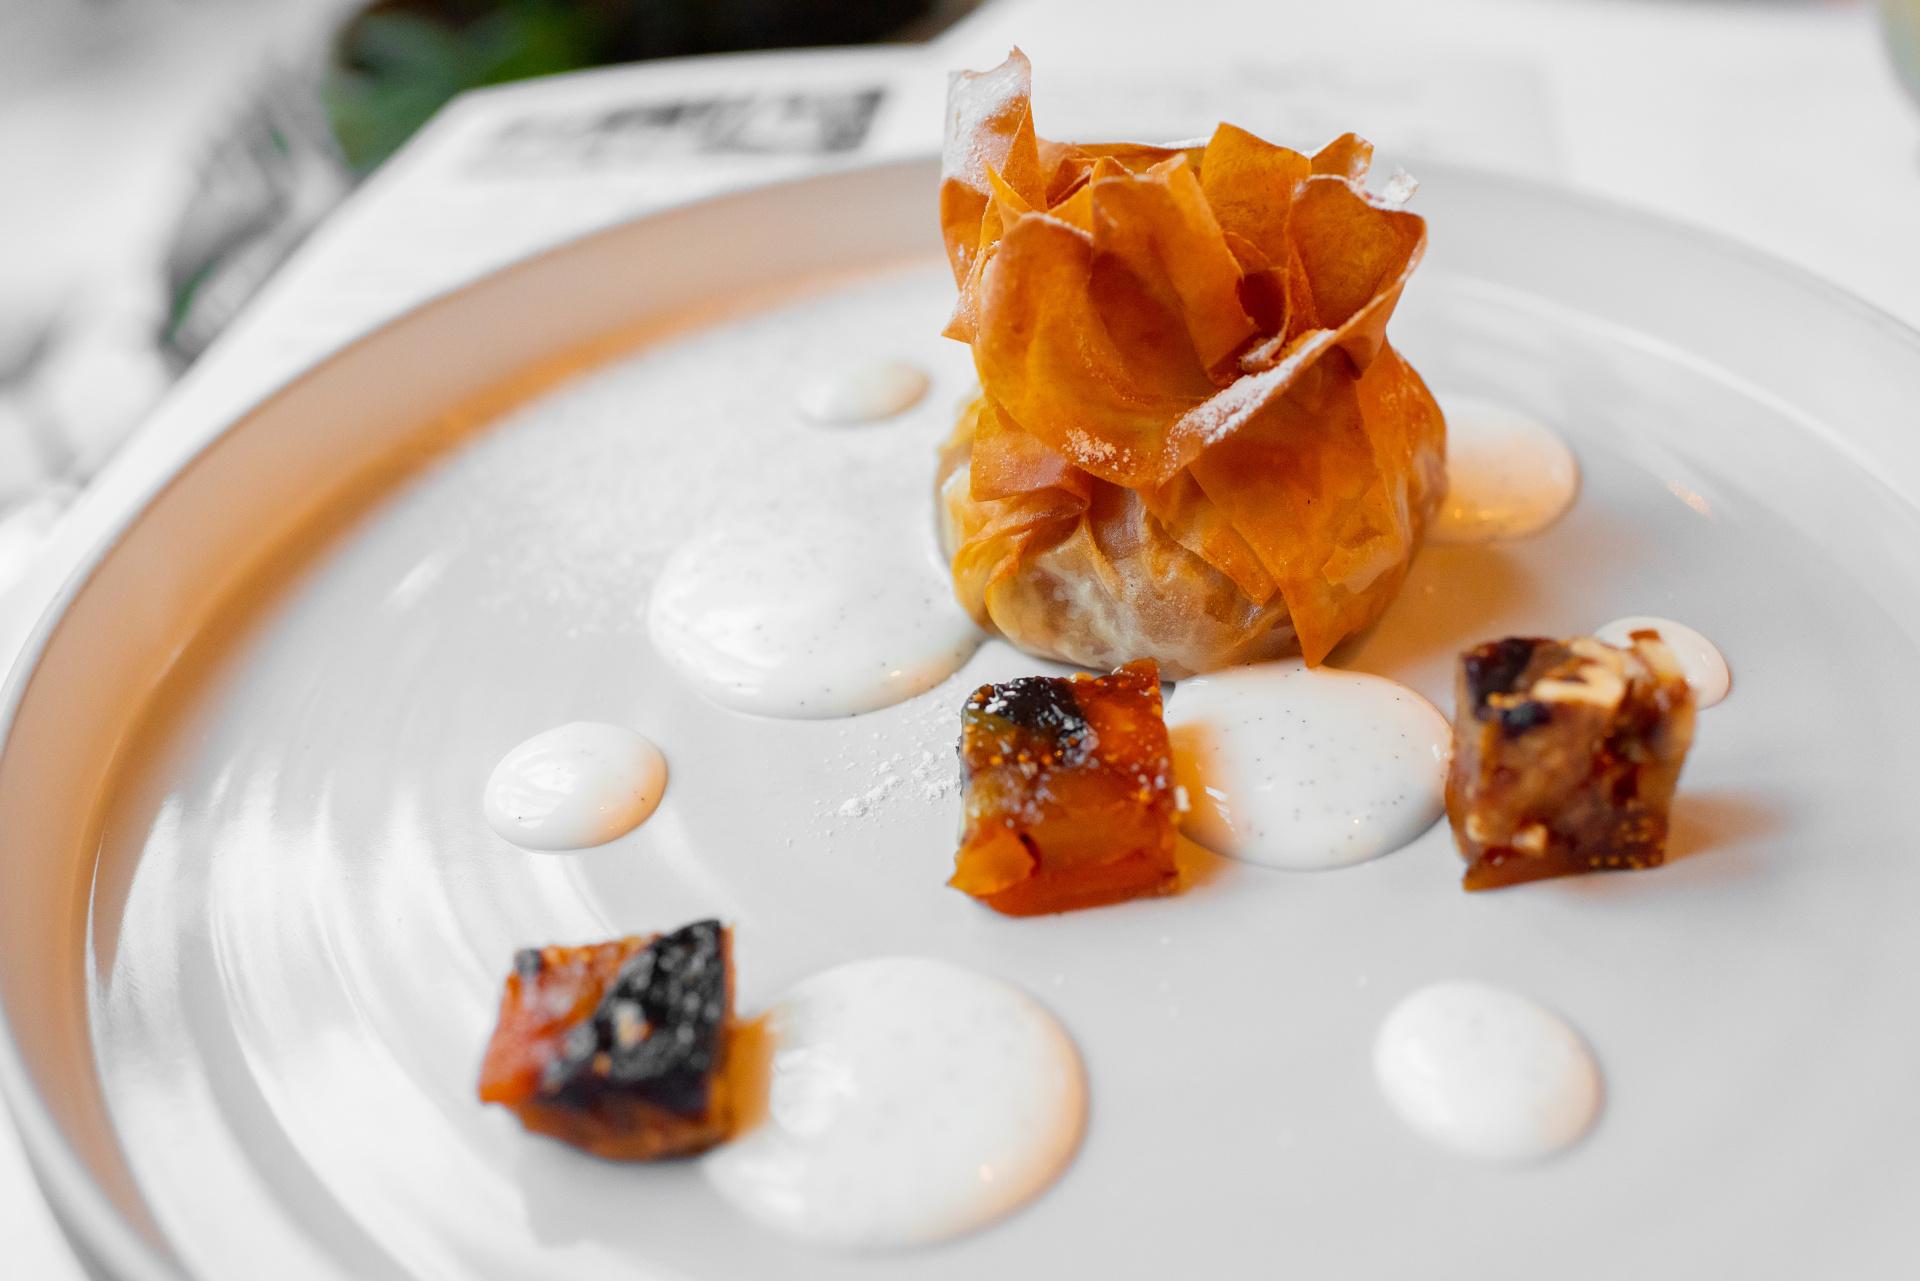 Lehce podušený jablka na karamelu pečená ve filo těstu, skořicový cukr, sušené ovoce v medu, vanilková omáčka